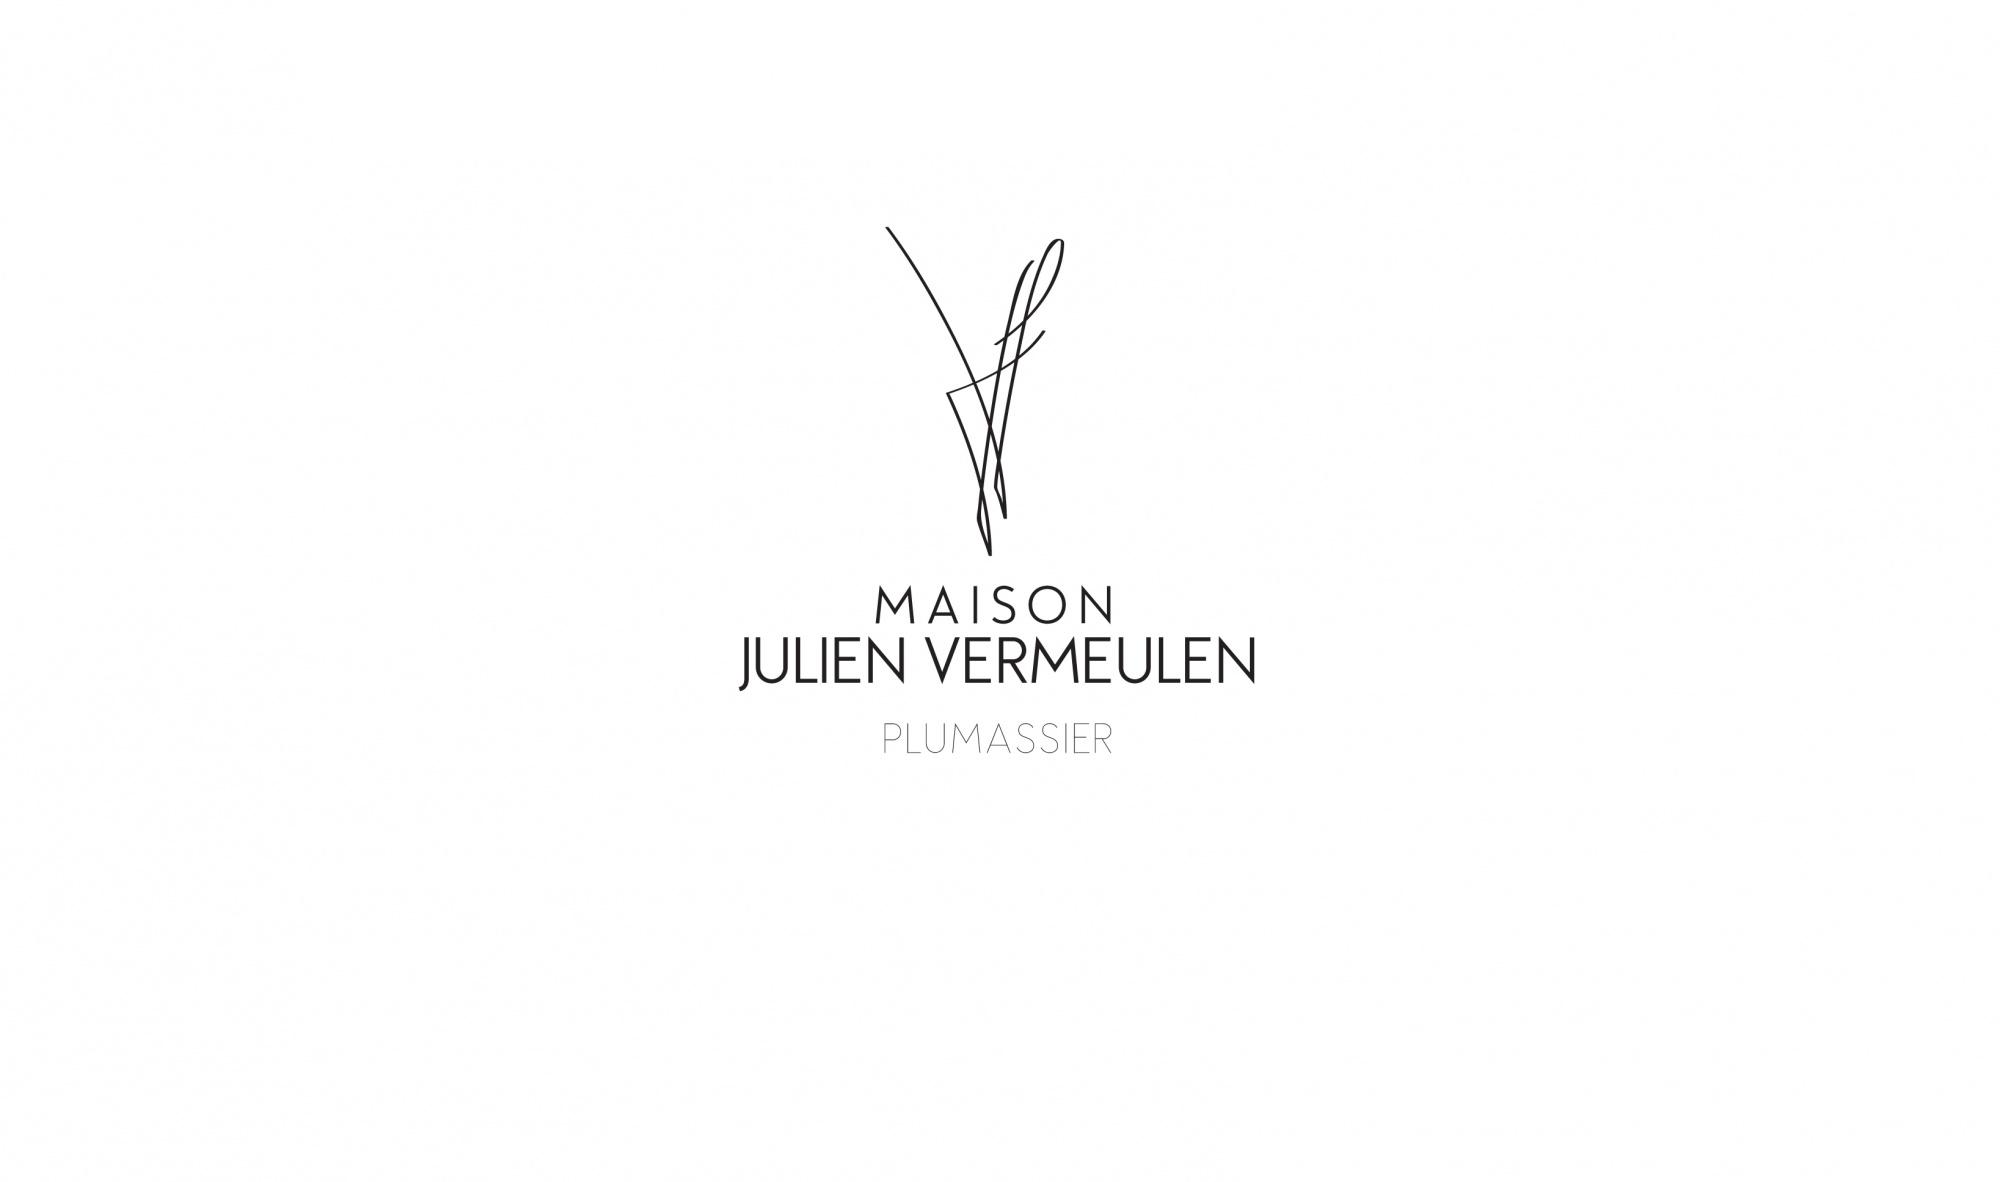 Maison Julien Vermeulen